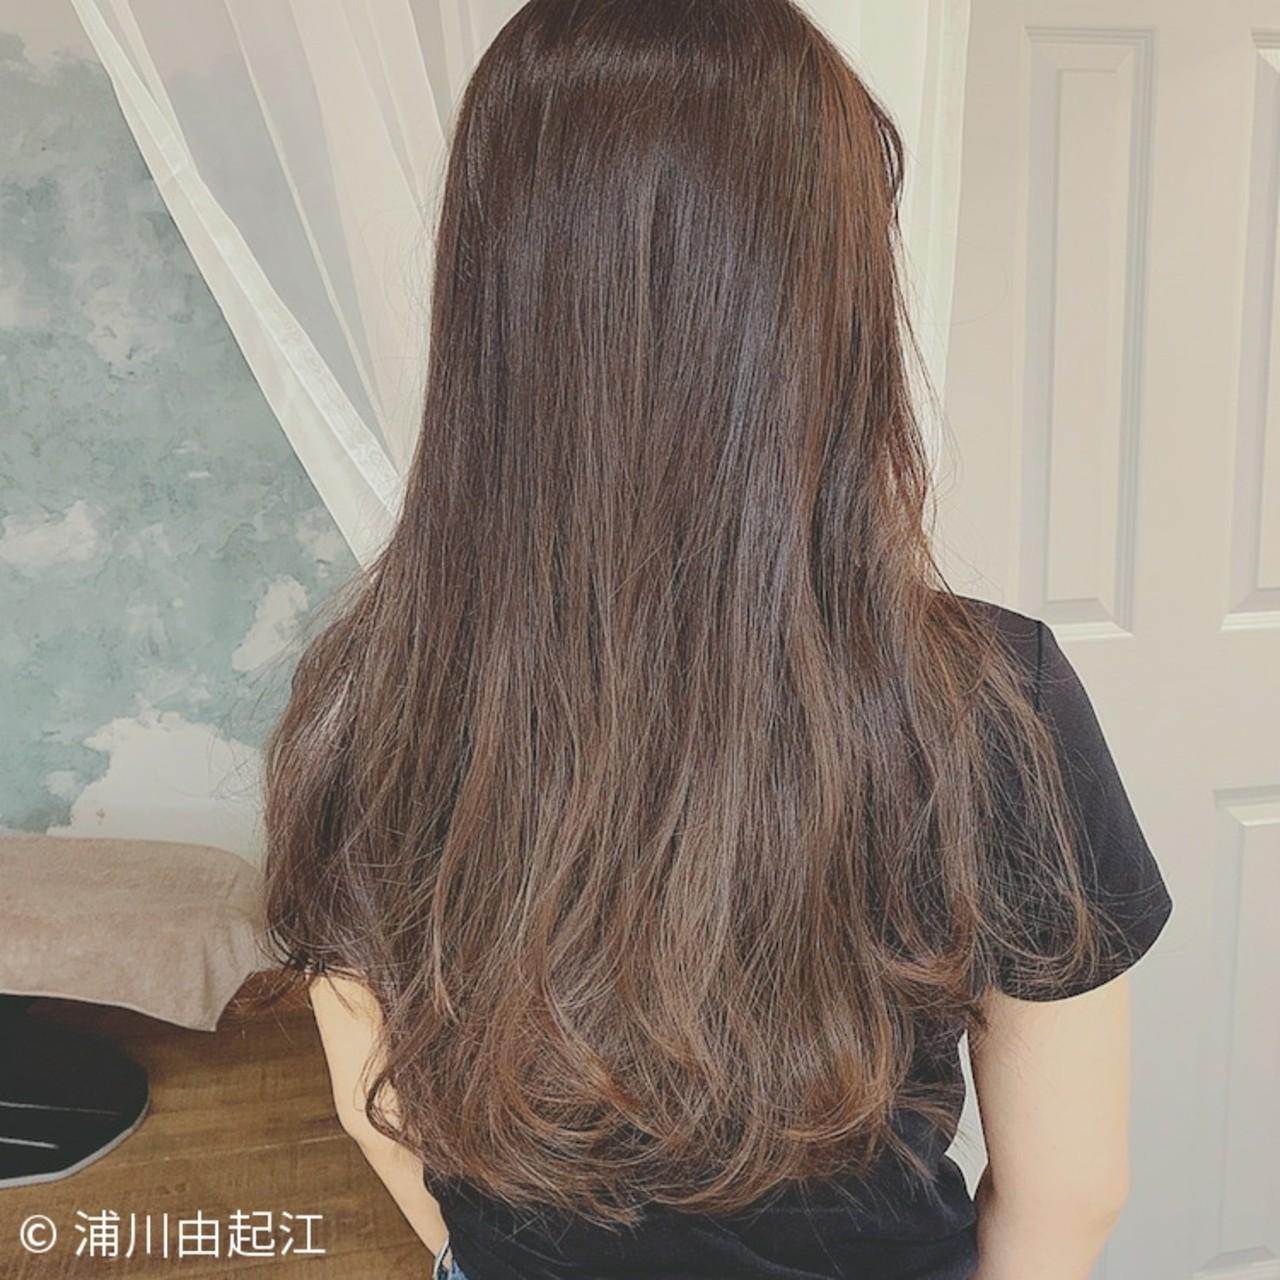 モテ髪 秋冬スタイル デート ロング ヘアスタイルや髪型の写真・画像